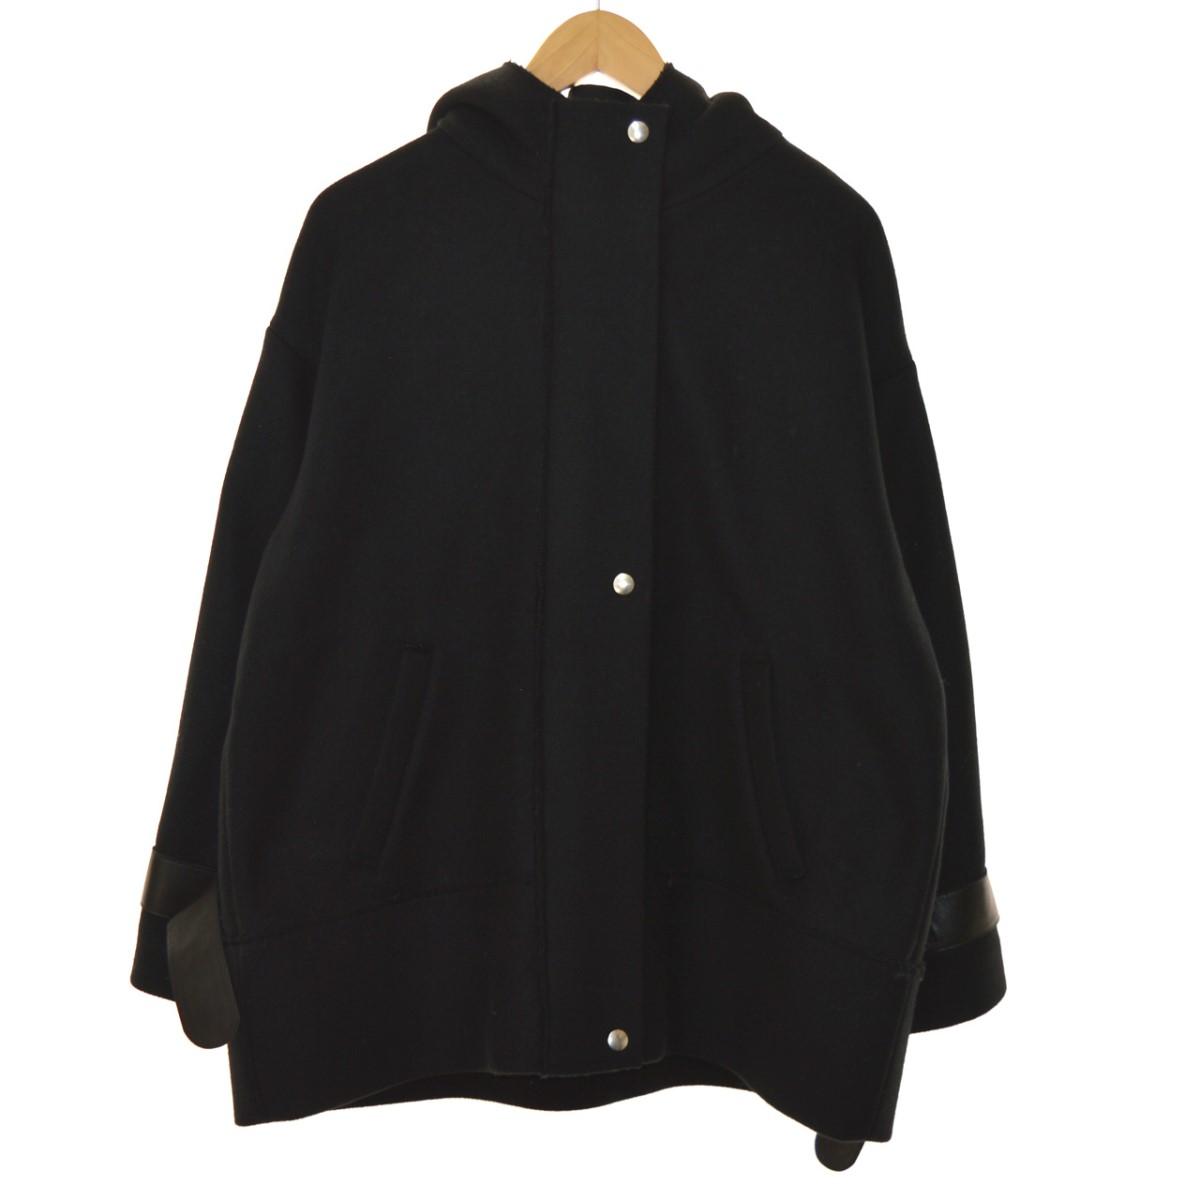 【中古】AERON カシミヤ混ジップアップコート ブラック サイズ:34 【241119】(エアロン)